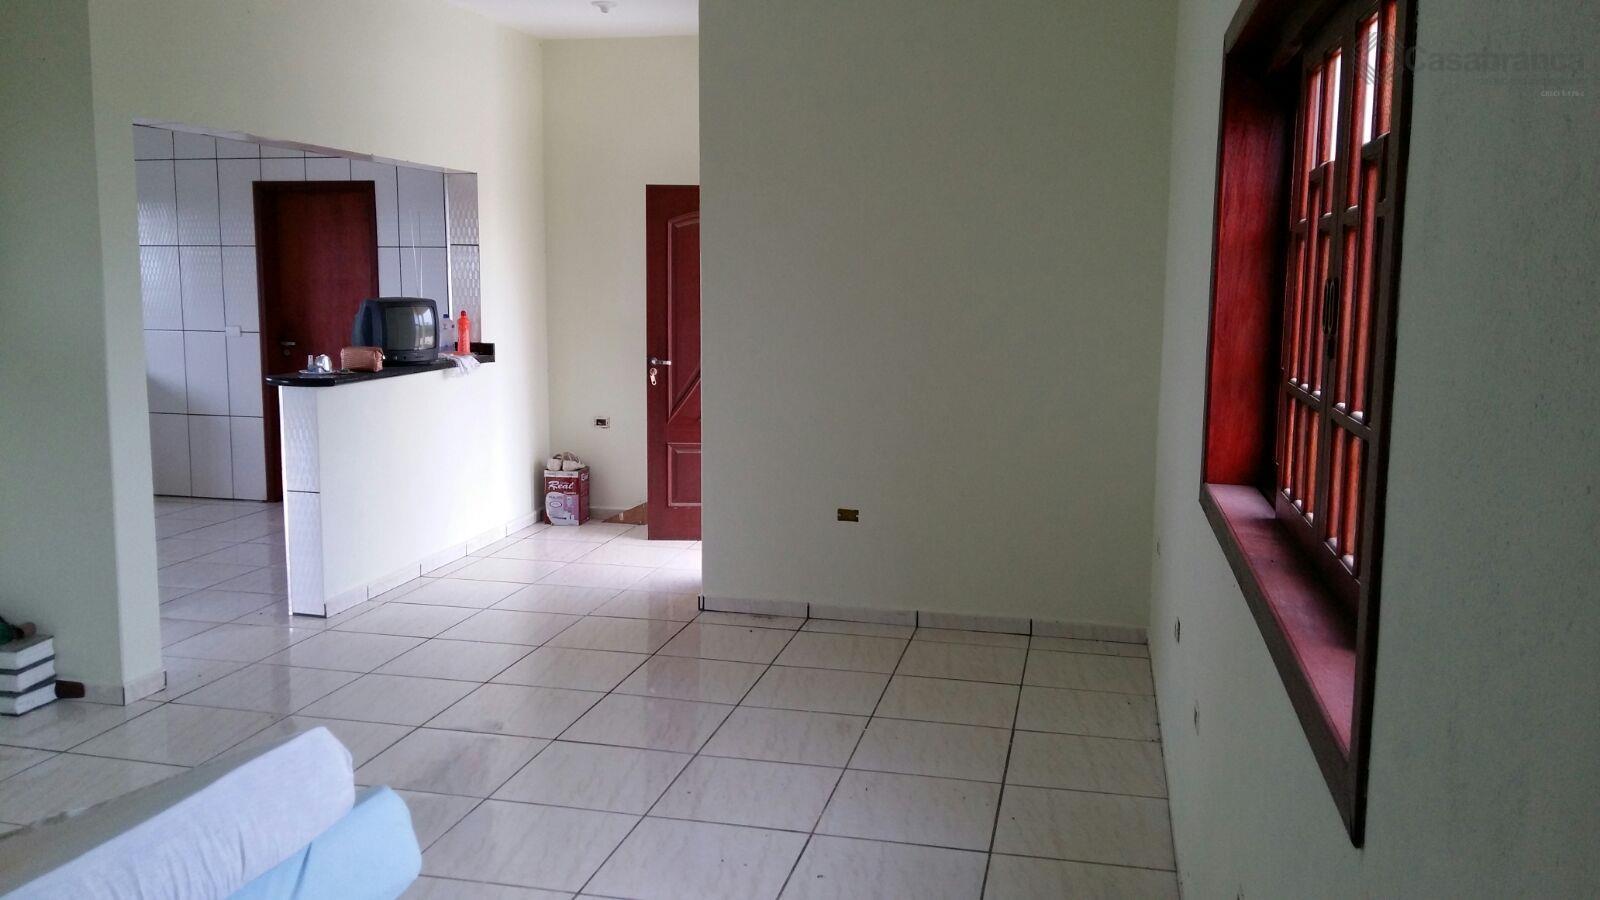 Chácara  residencial para locação, Caguaçu, Sorocaba.